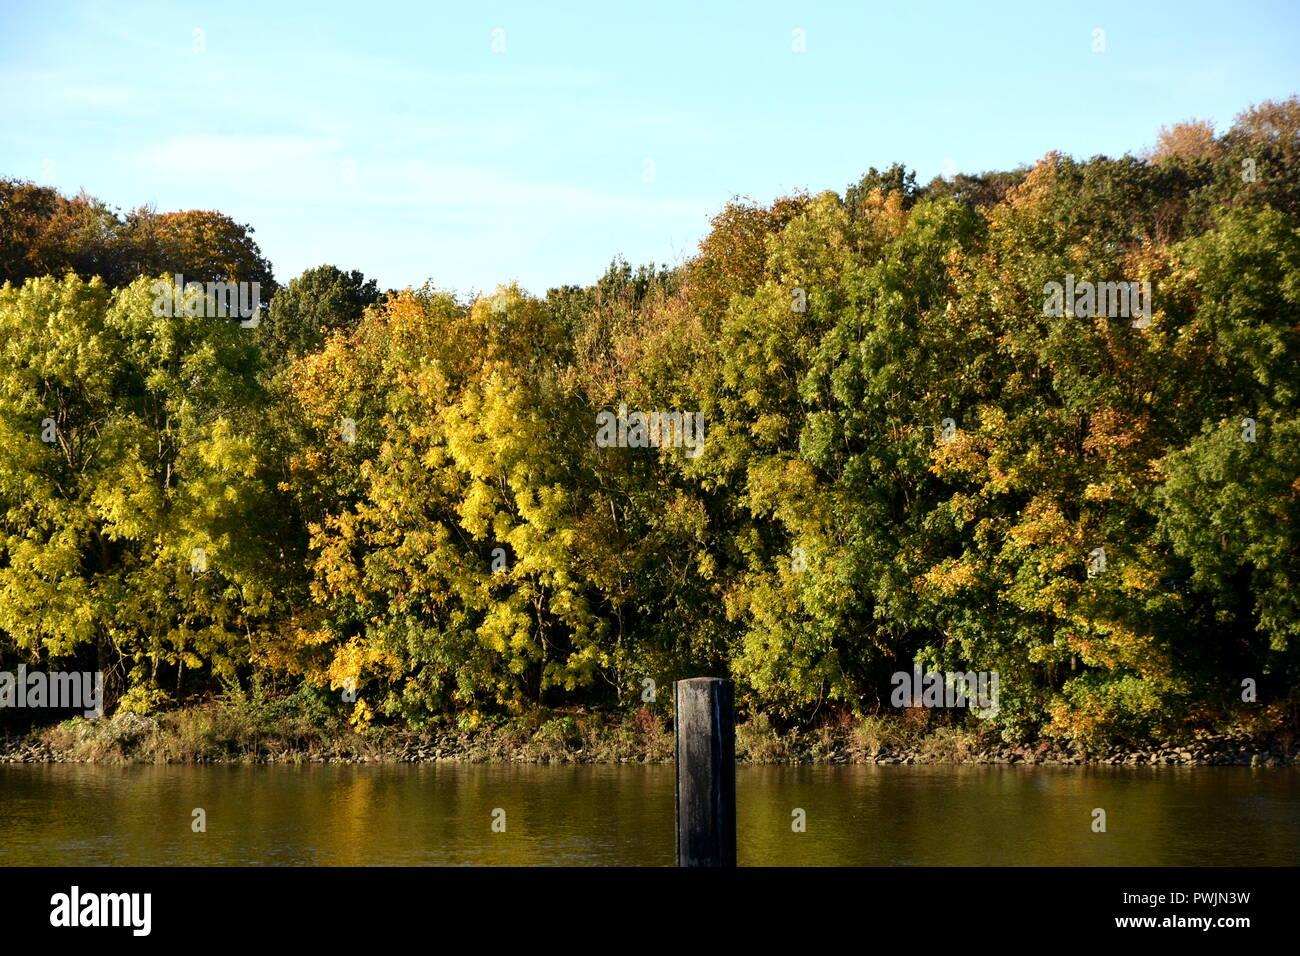 Herbst Wasser Getue Bäume Sonne Stockbild